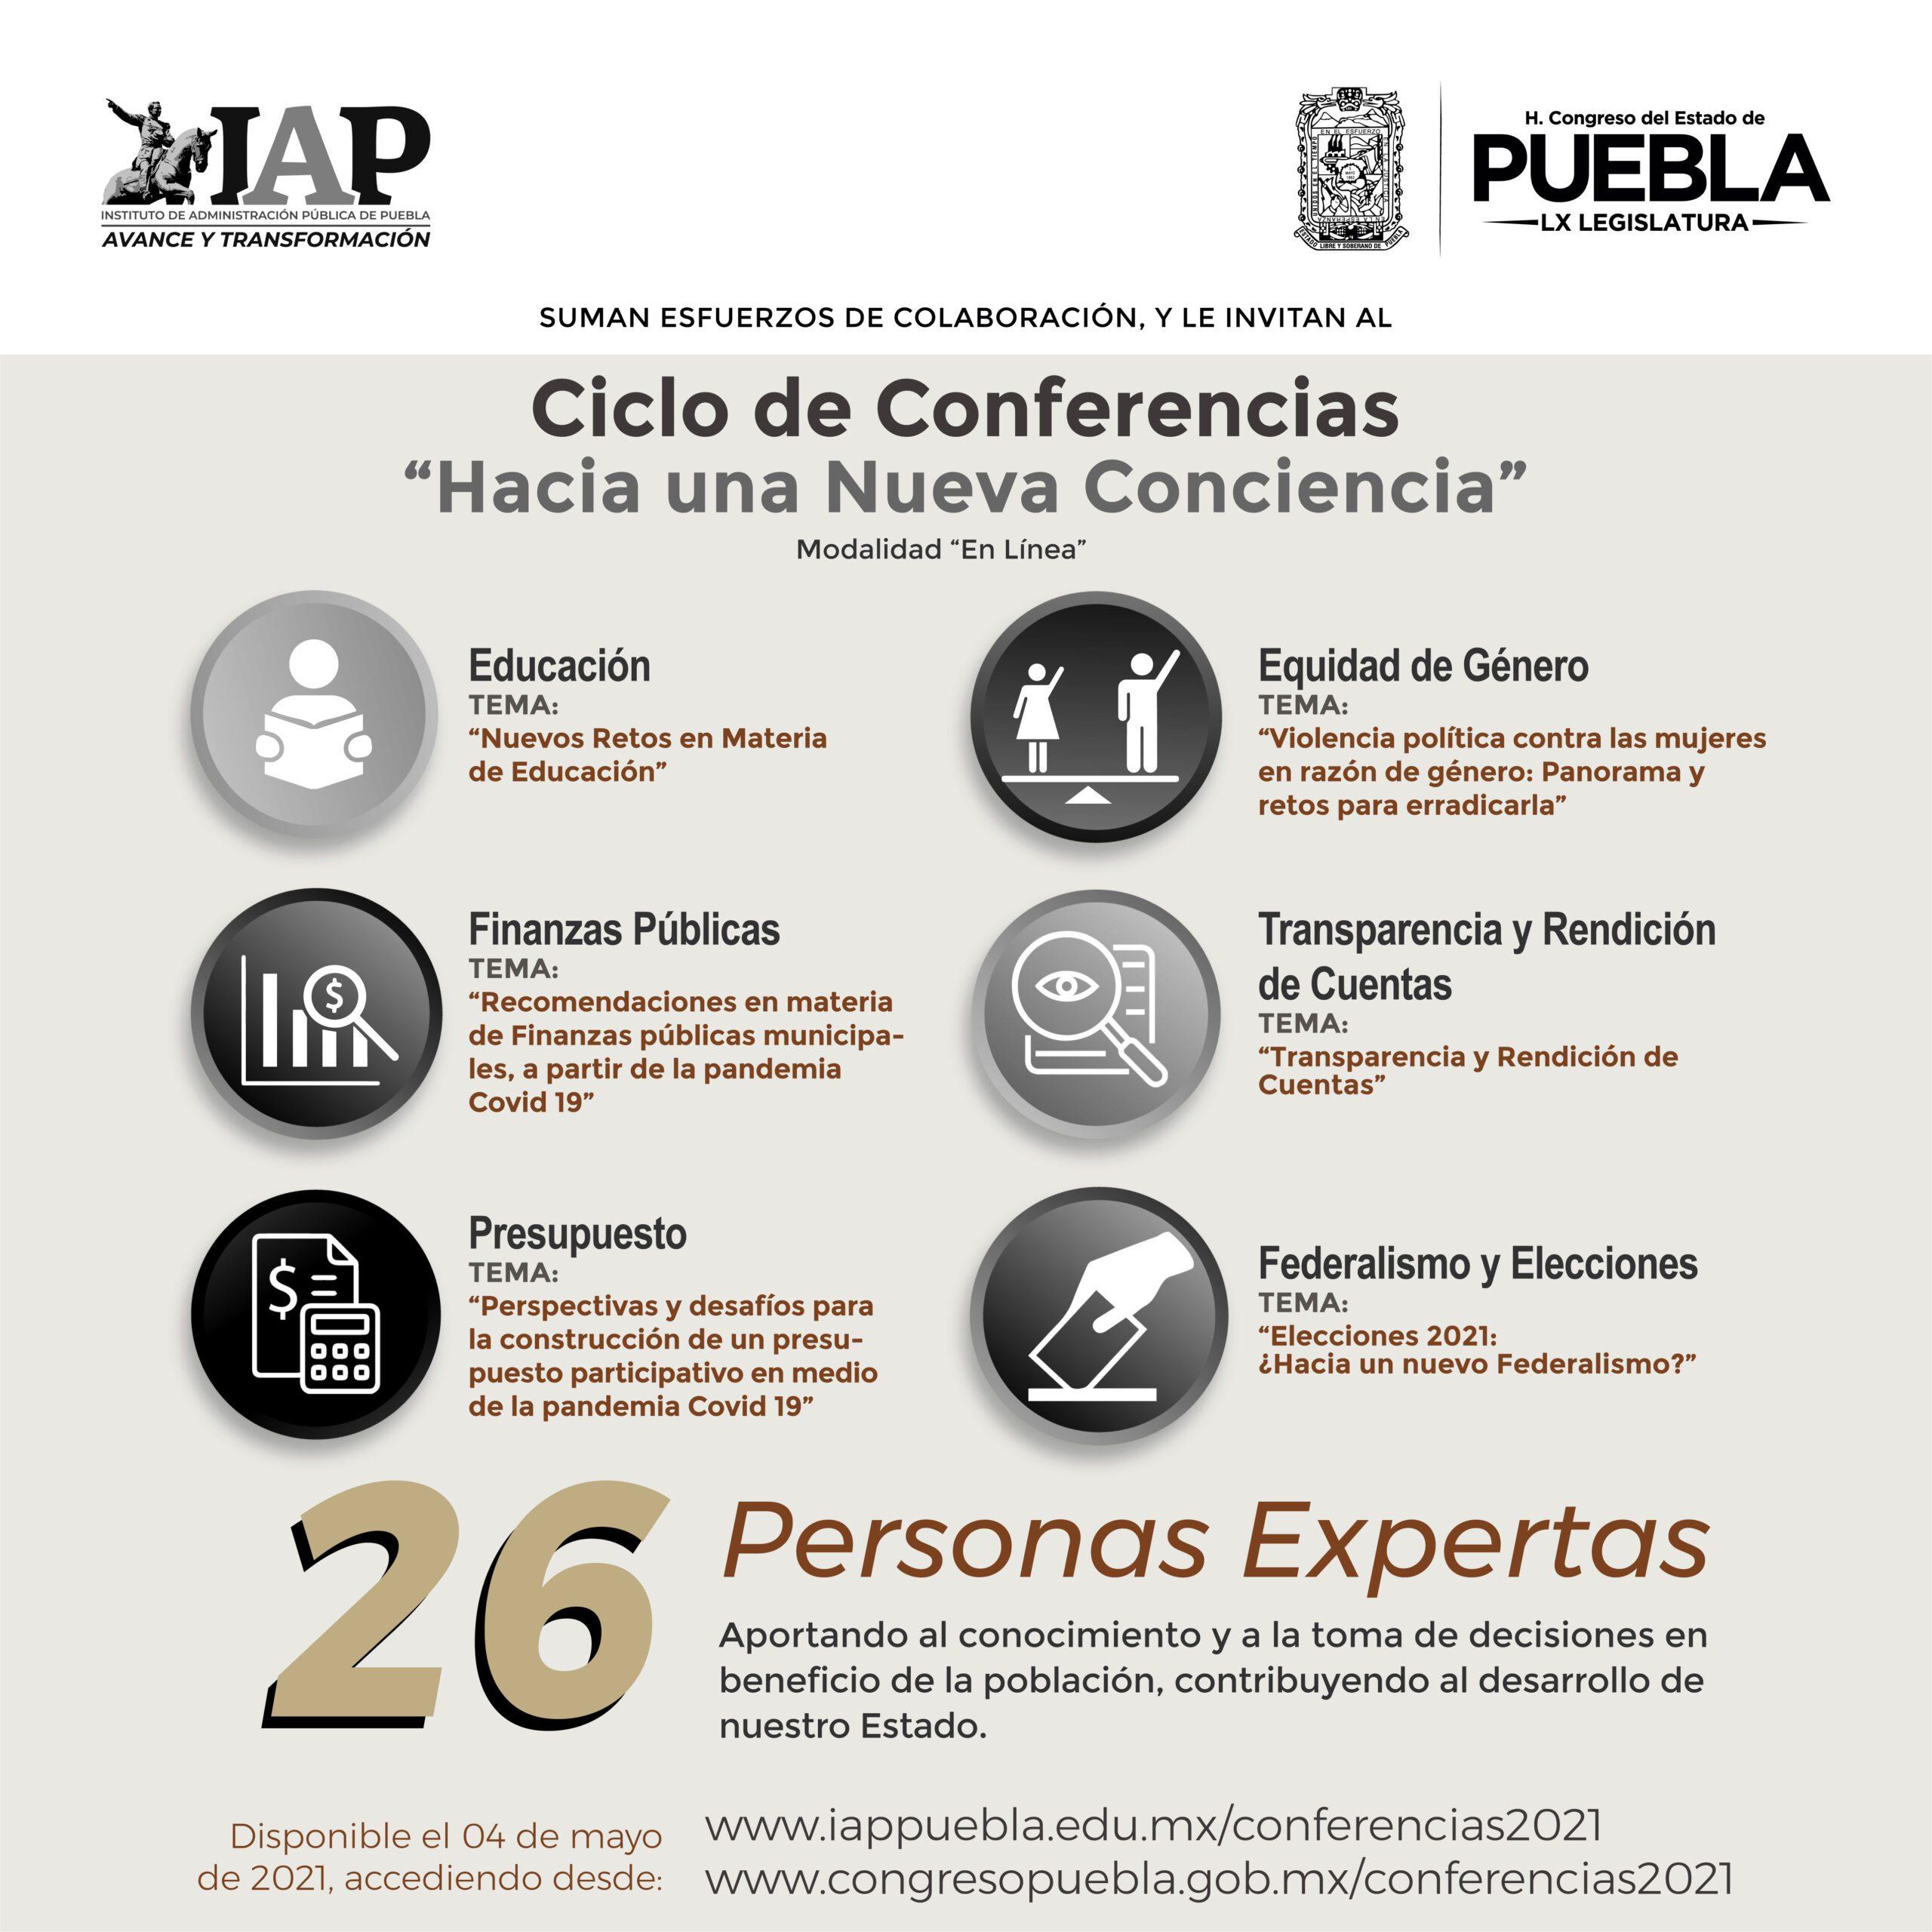 Ciclo de Conferencias 2021